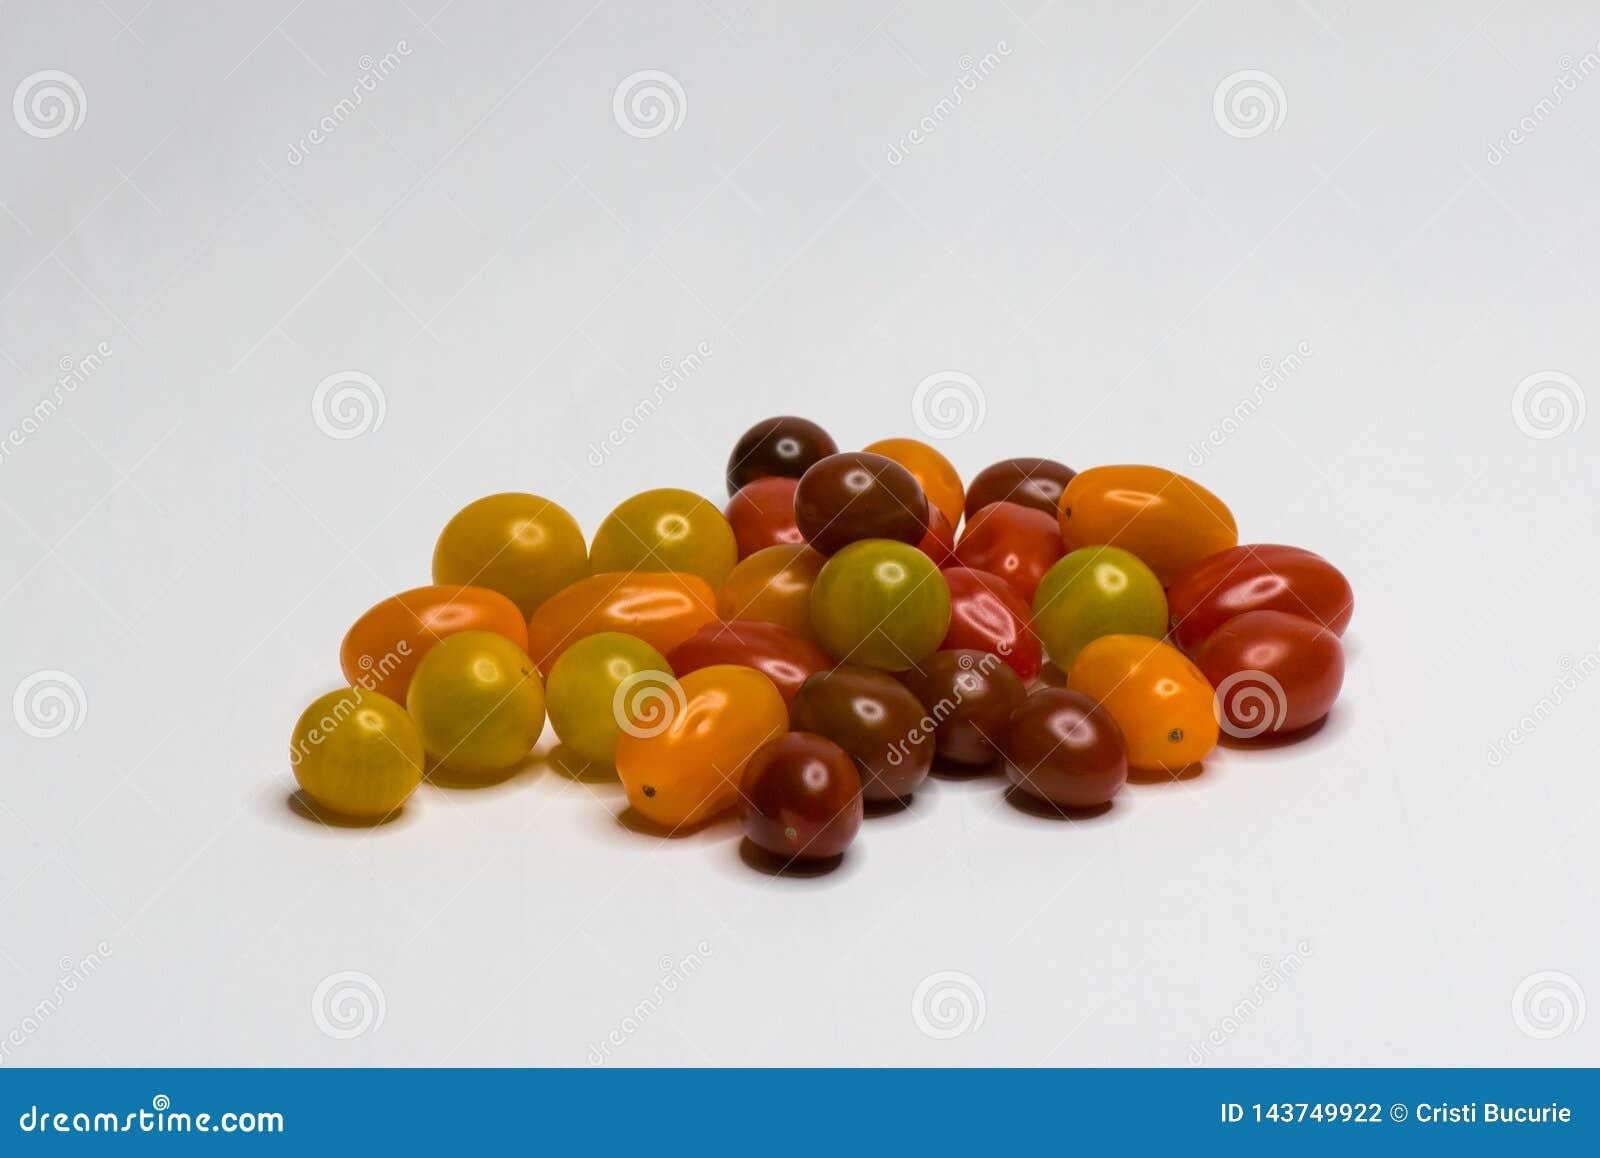 Farbiger Bio-Cherry Tomato Getrennt